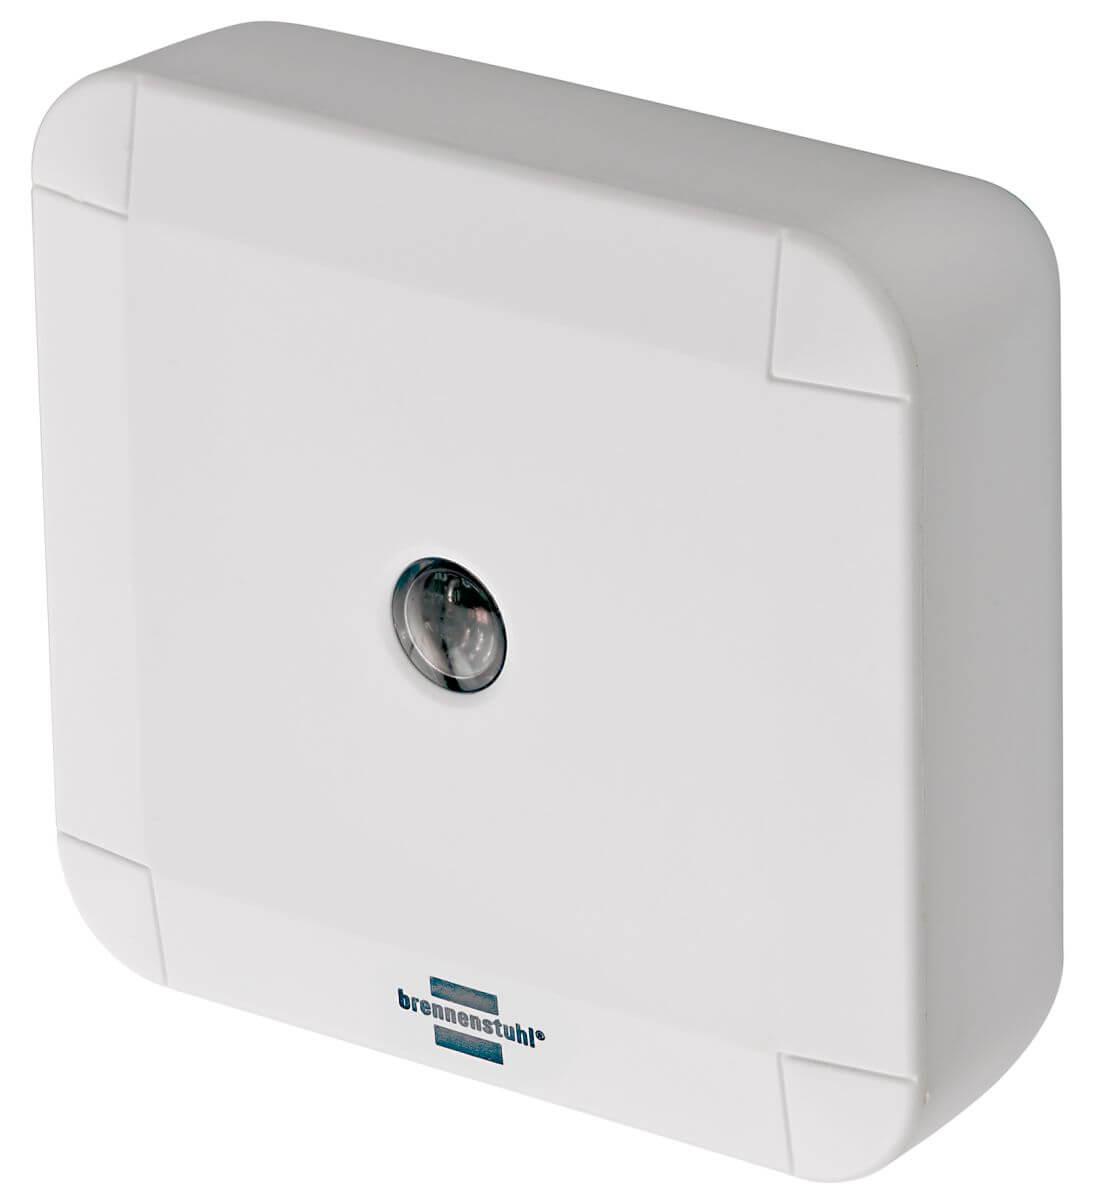 BrematicPRO Helligkeitssensor | Licht-Sensor (Brennenstuhl Smart Home) | Innen- sowie Außenbereich